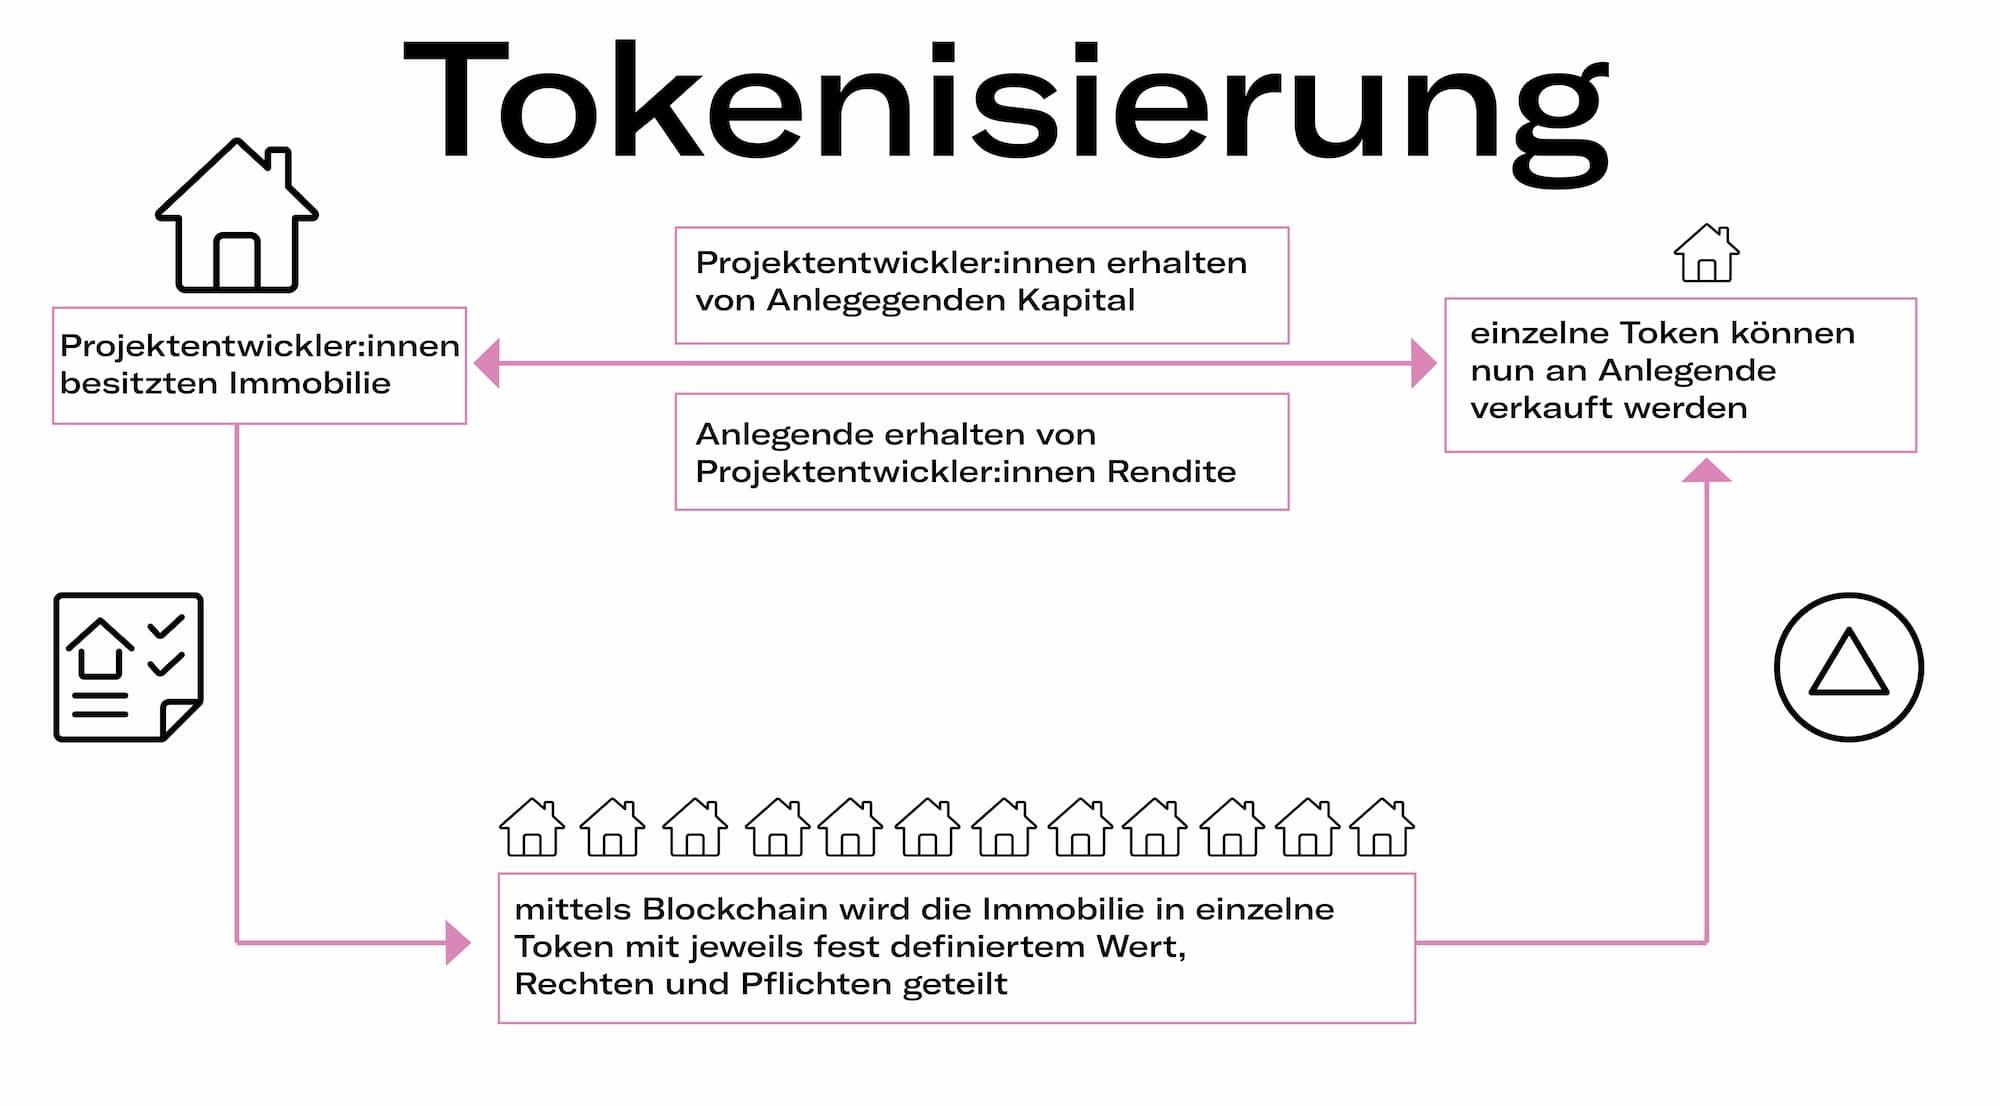 Tokenisierung